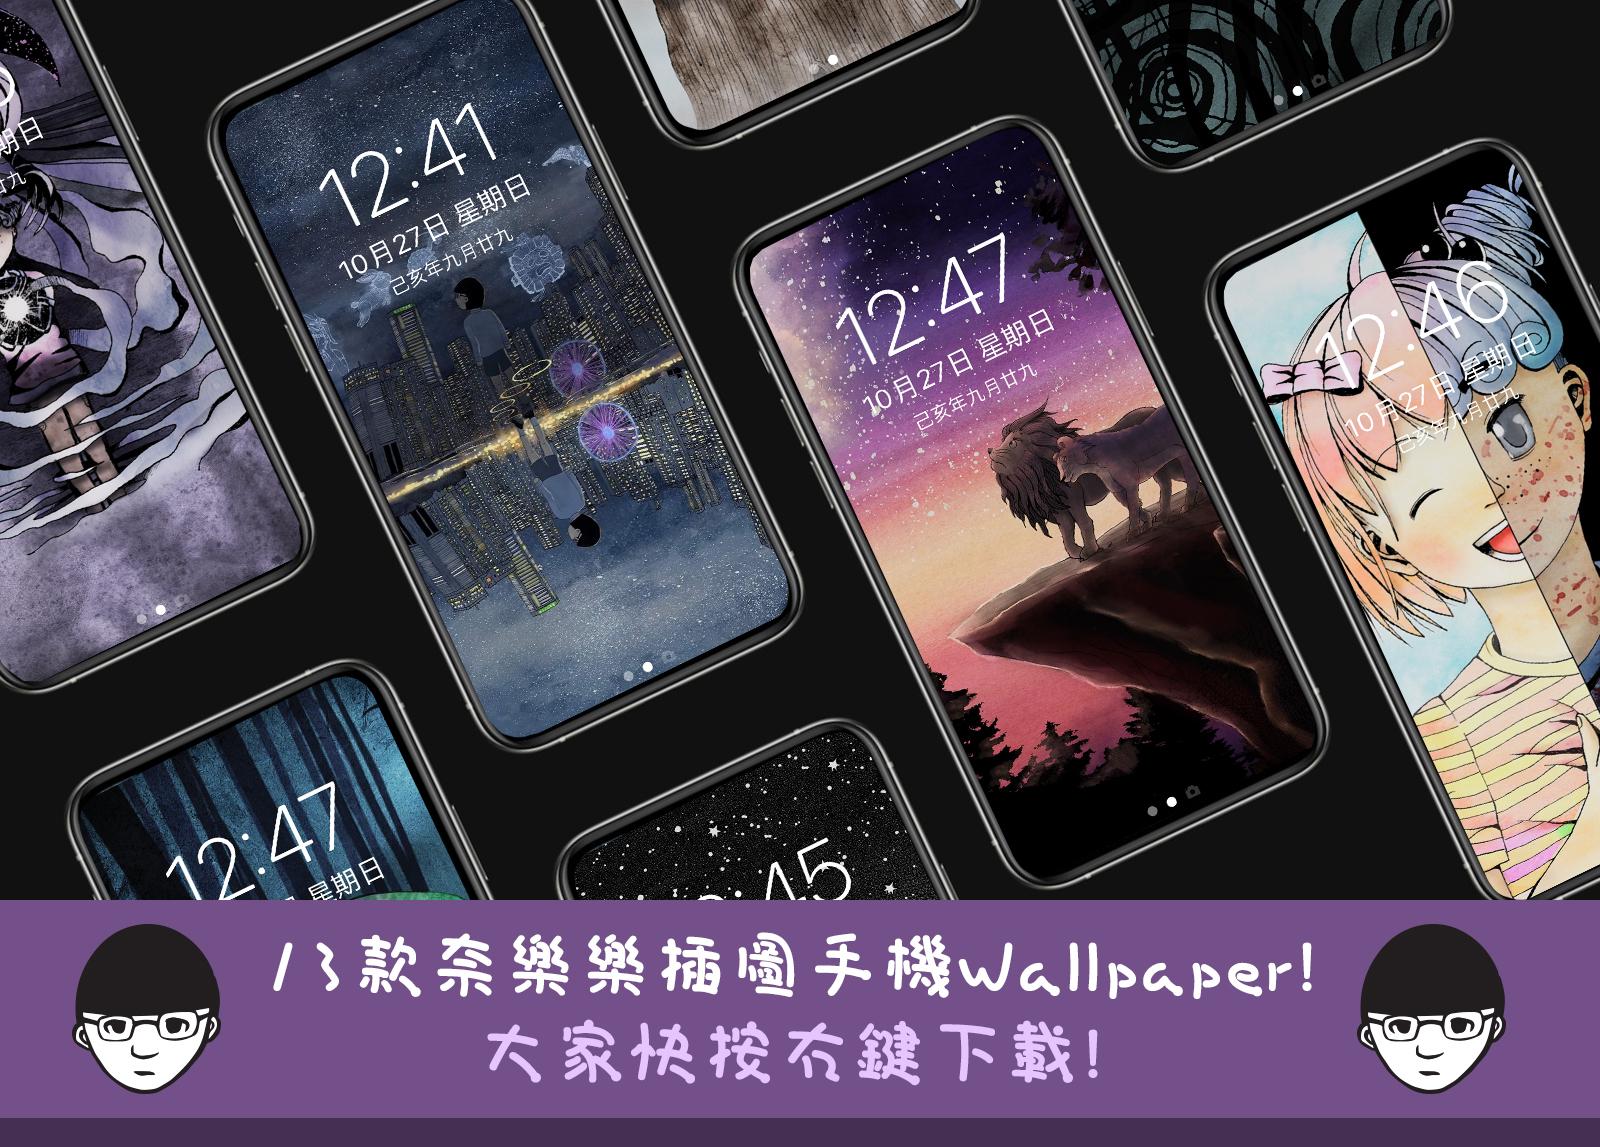 iPhone-11-Pro-Promo-Image